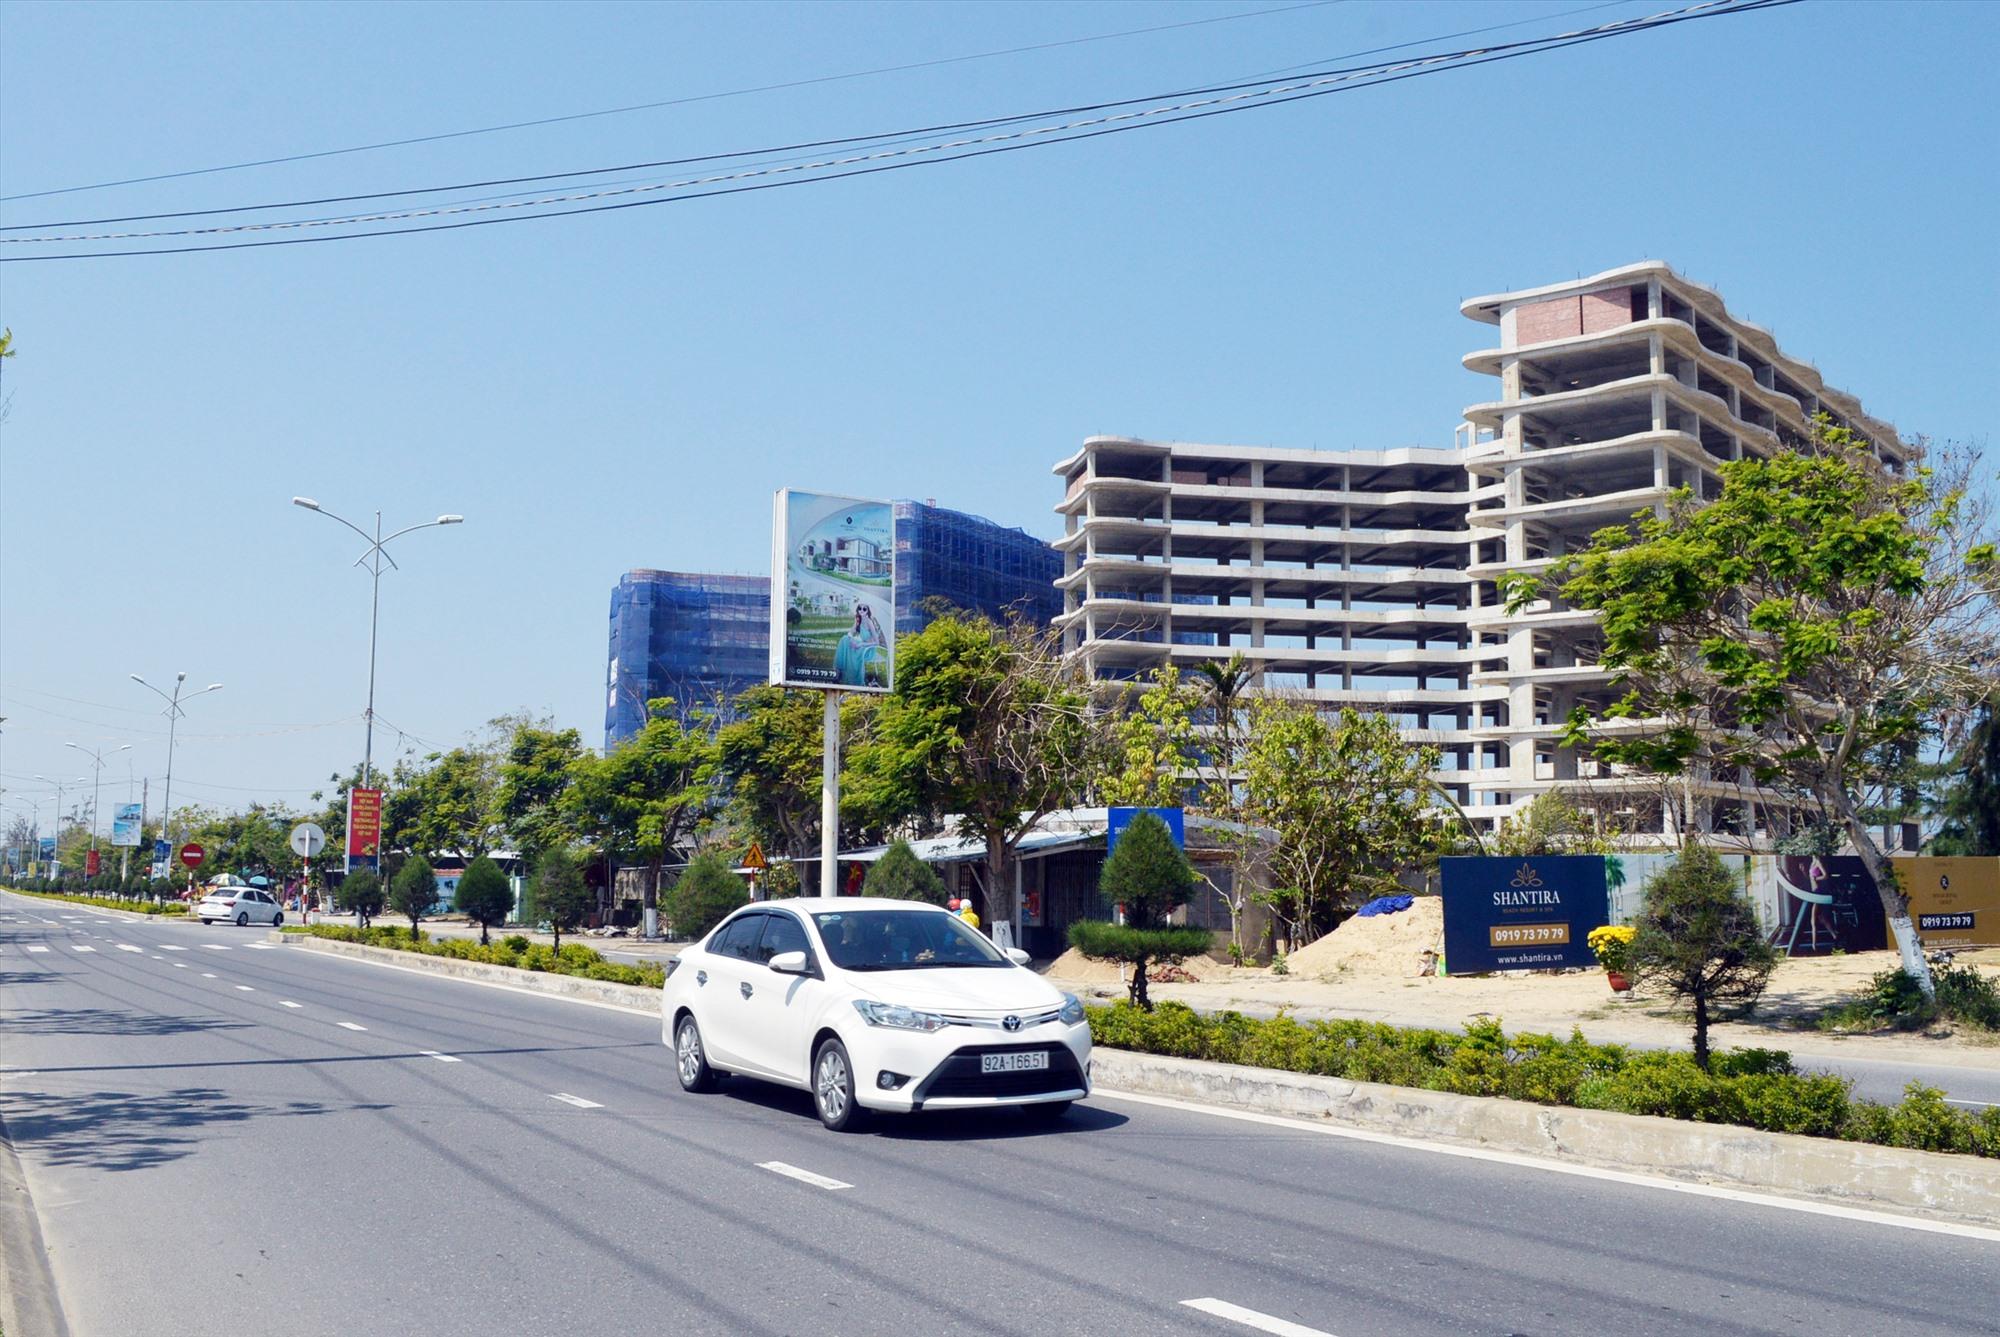 Nhiều dự án du lịch, hạ tầng được triển khai đầu tư đã góp phần thay đổi diện mạo vùng đông Điện Bàn. Ảnh: V.LỘC